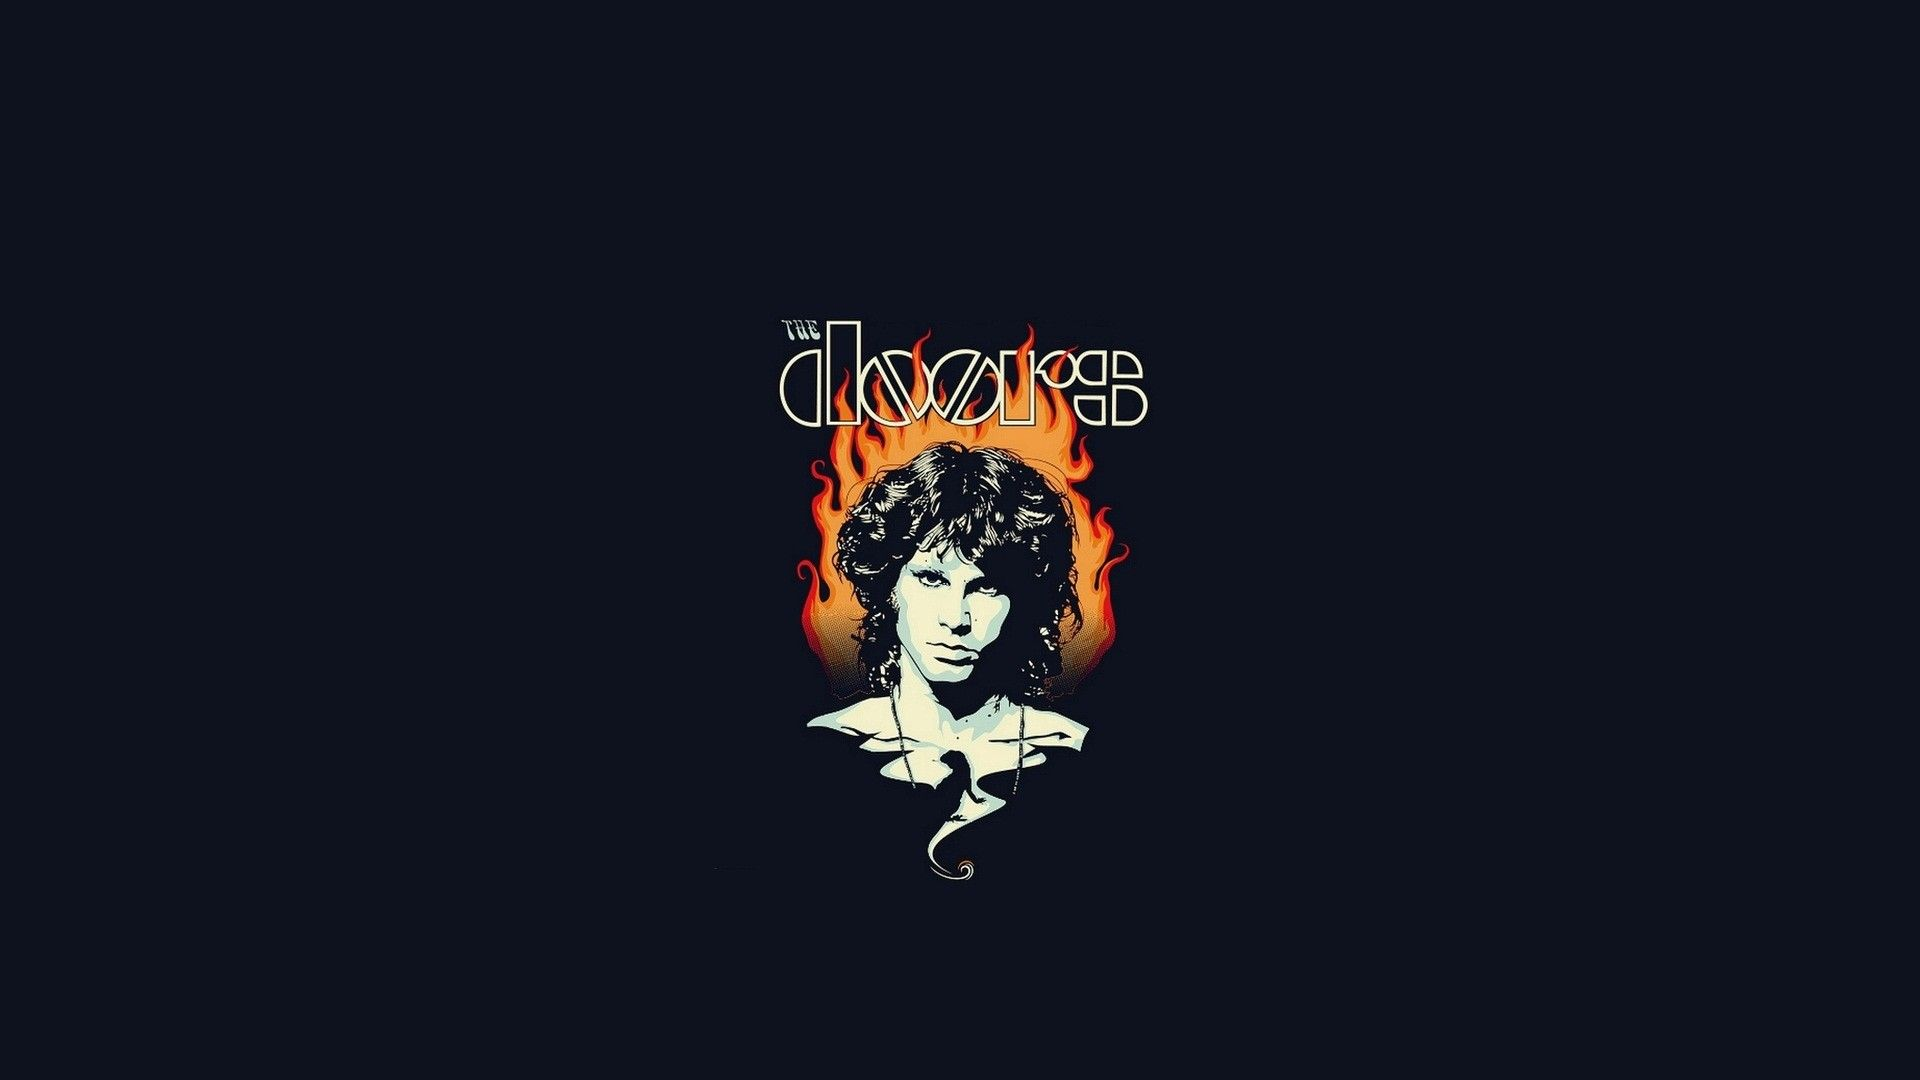 The Doors Wallpaper Rock LegendsThe DoorsJim Morrison